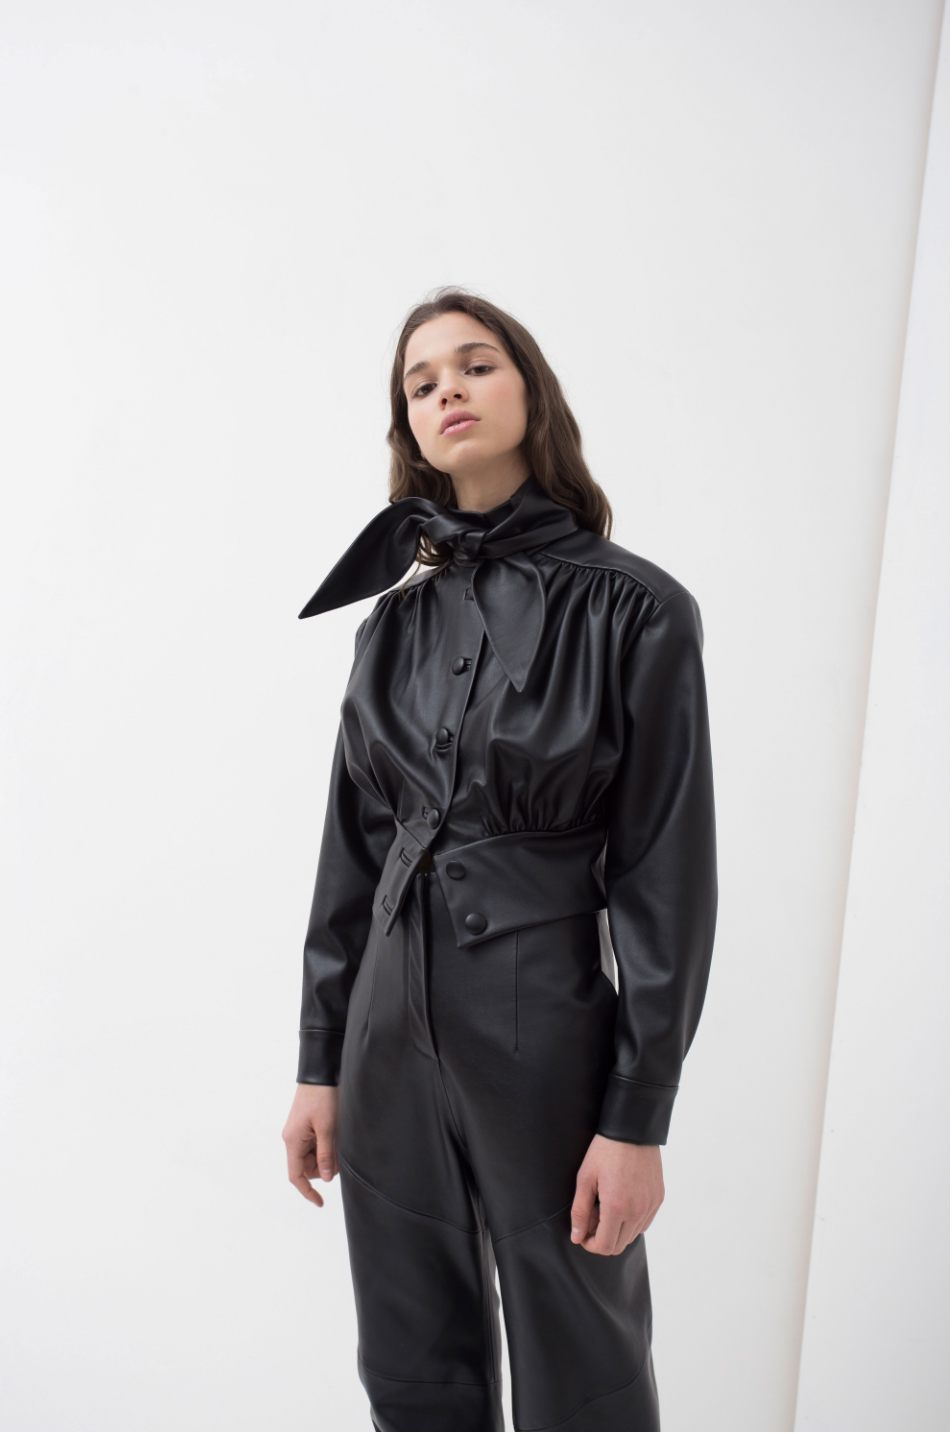 Bow Neck Leather Jacket